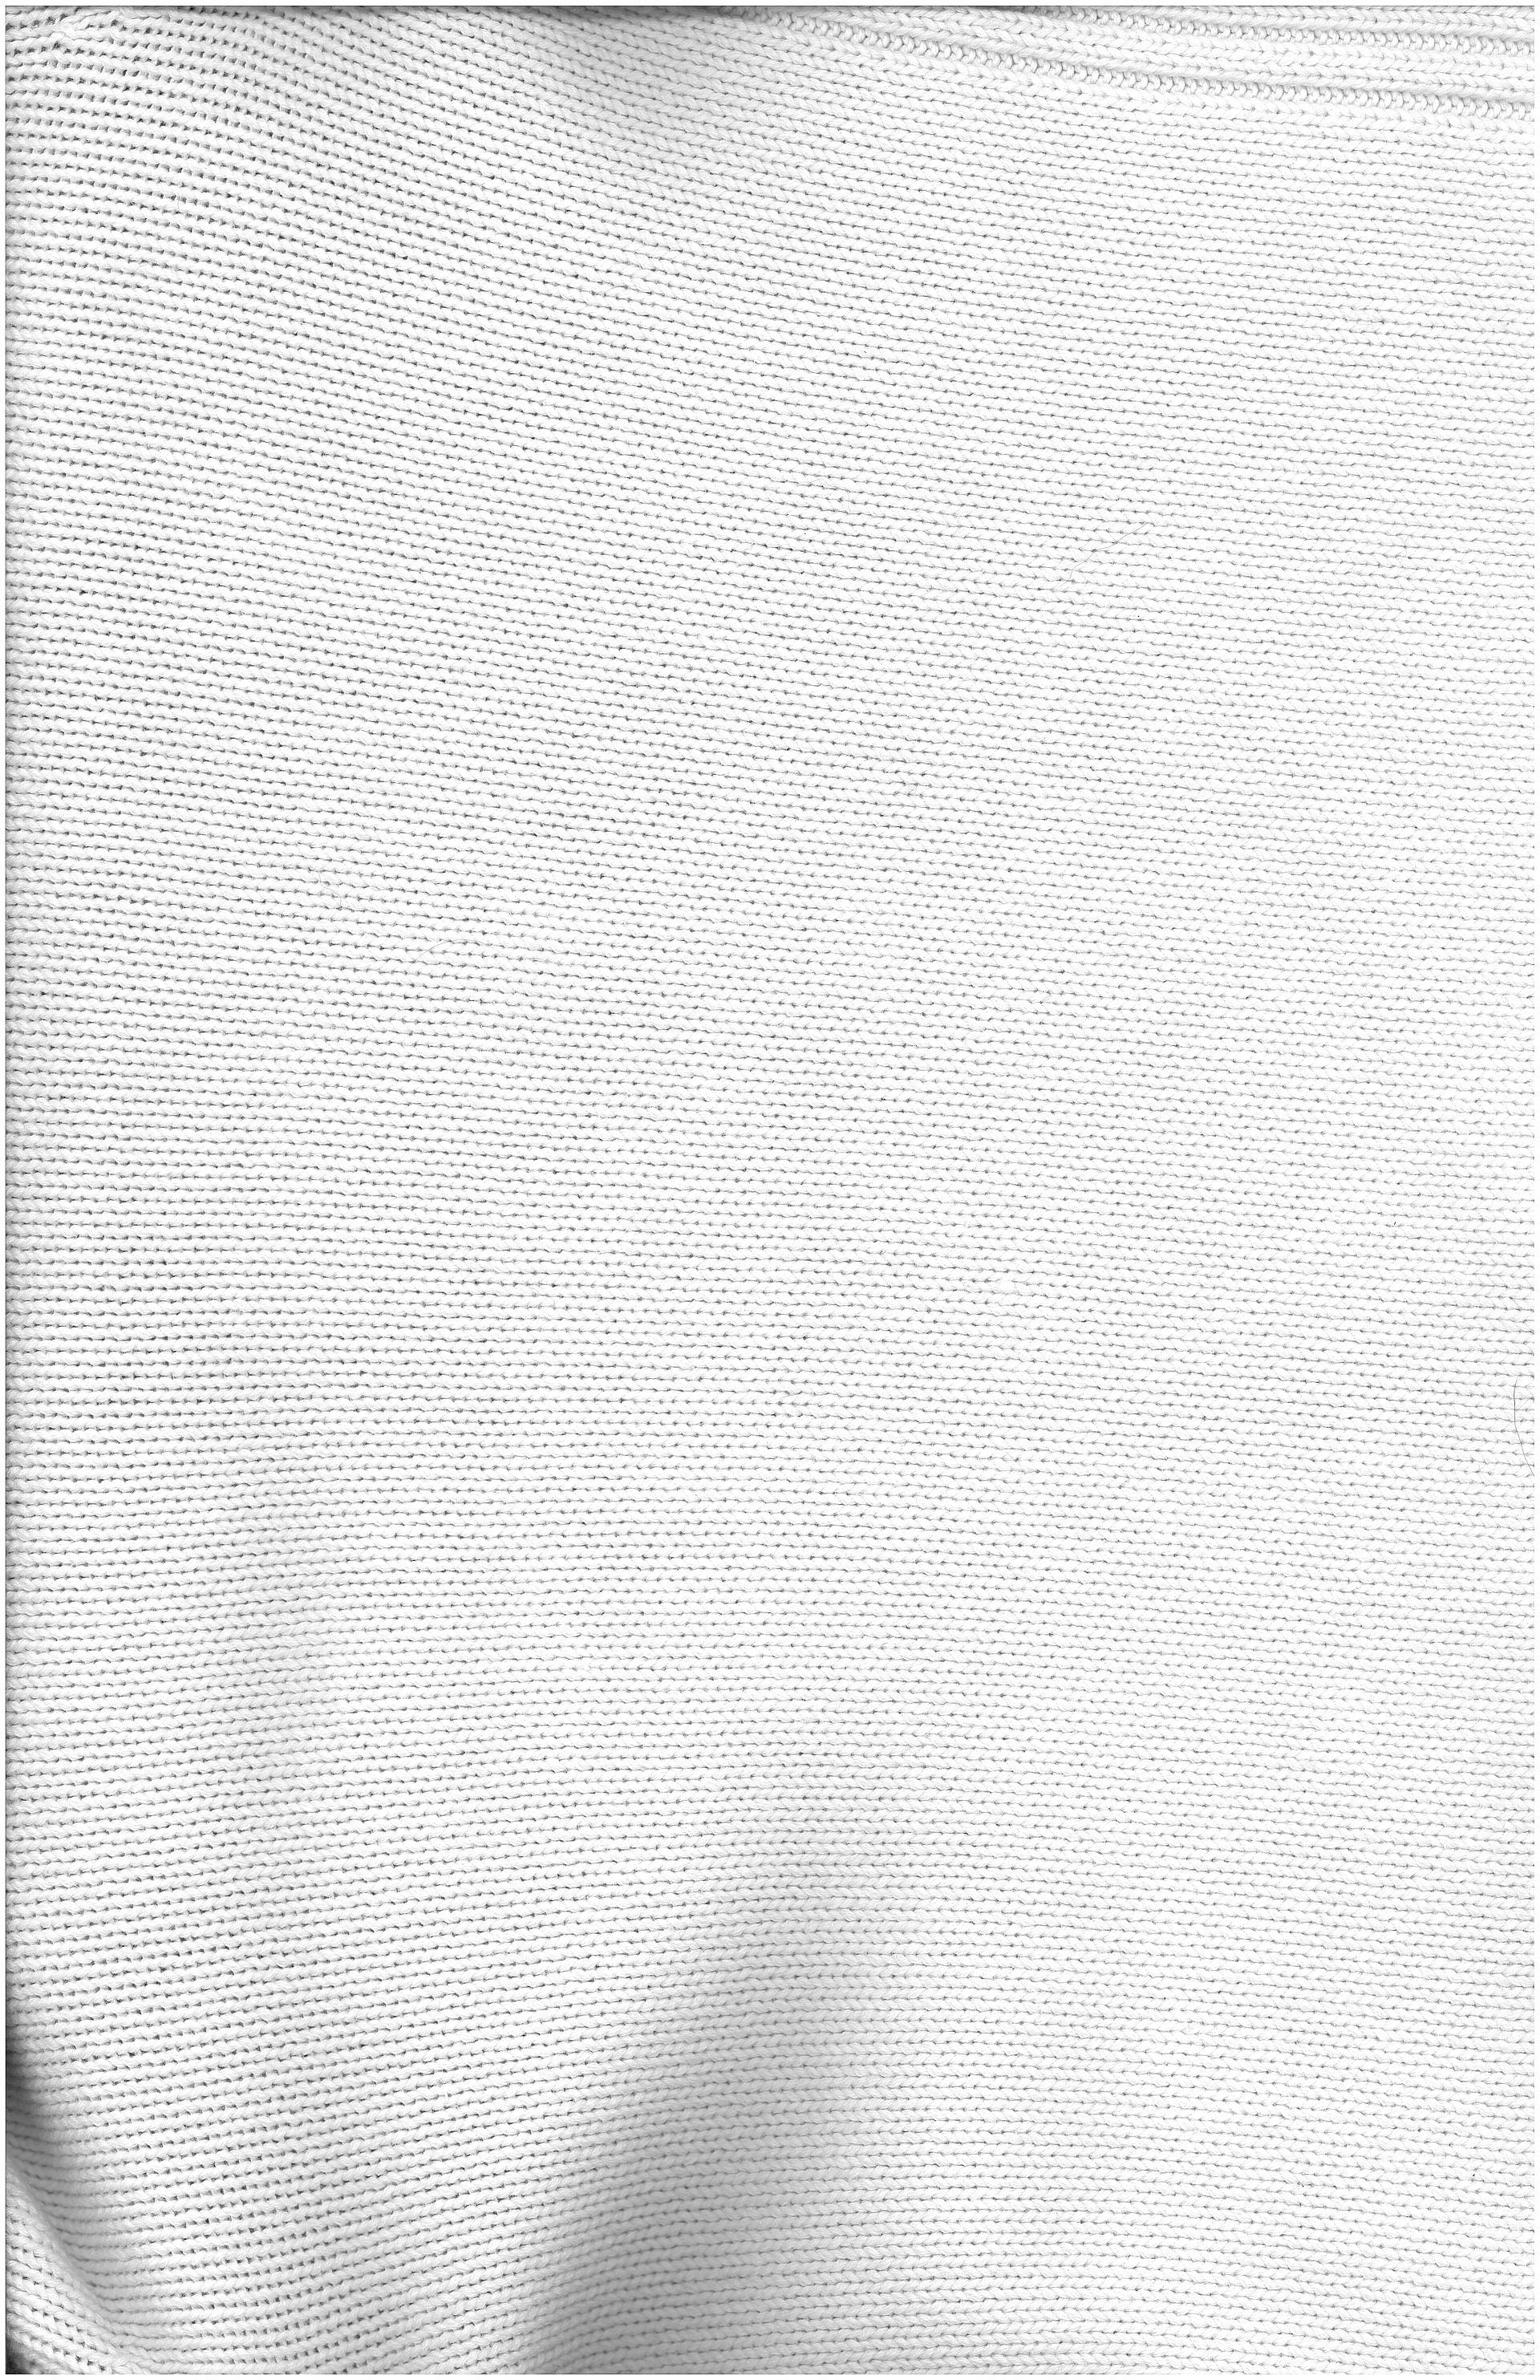 Knitted fabric  Wikipedia